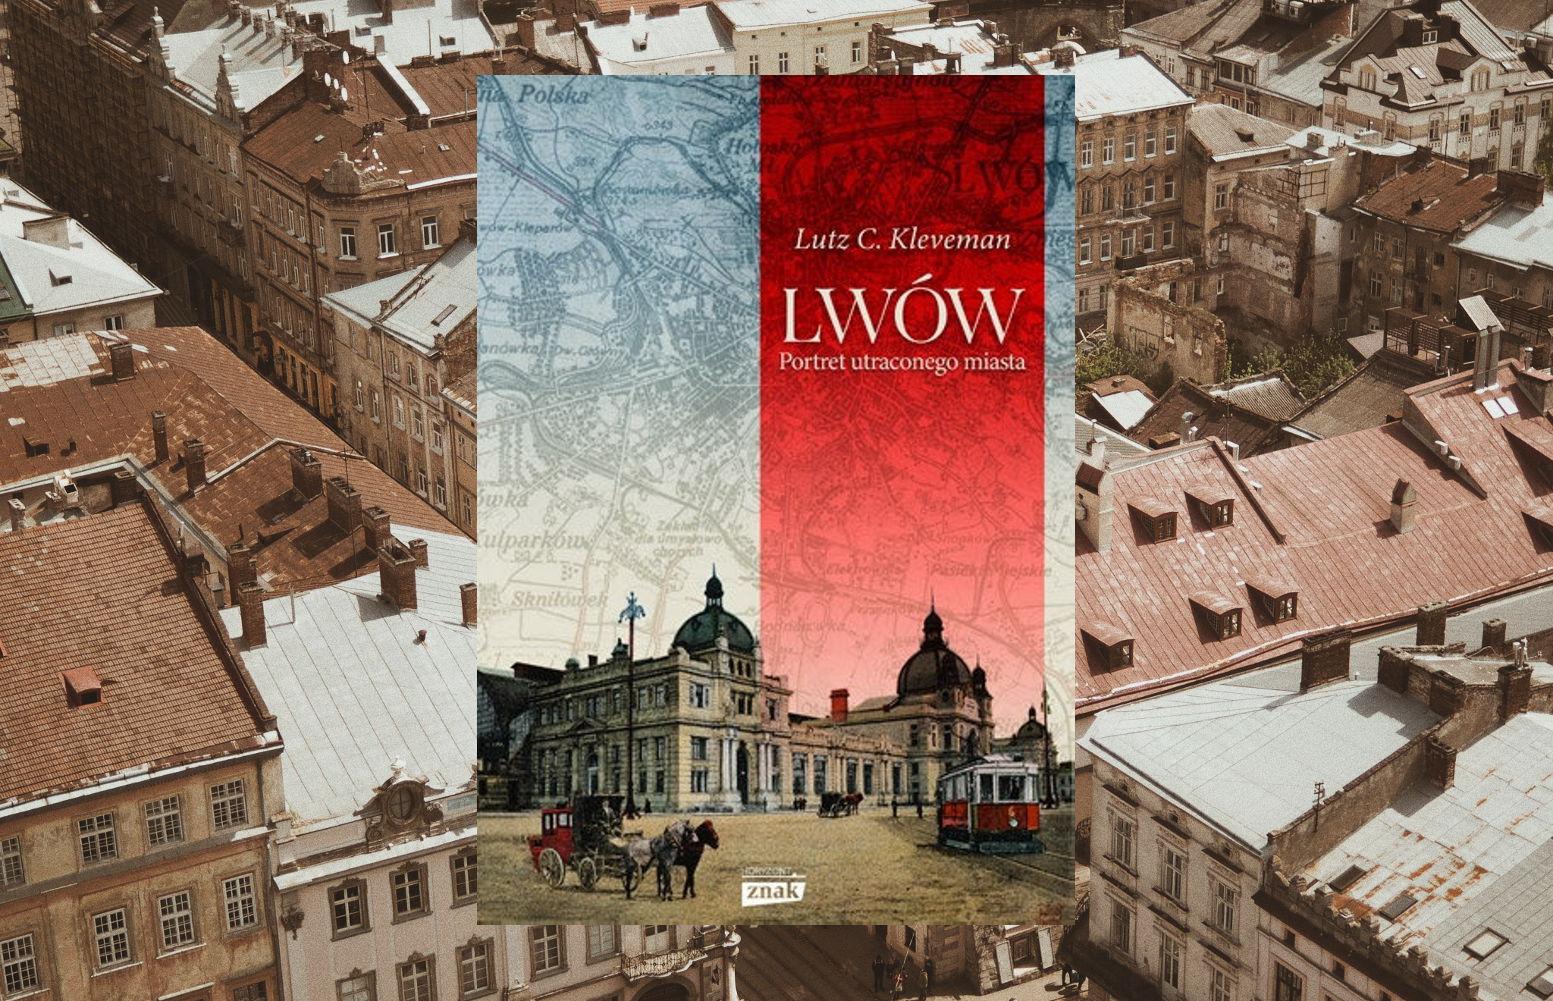 #404. Lwów. Portret utraconego miasta - Lutz C. Kleveman